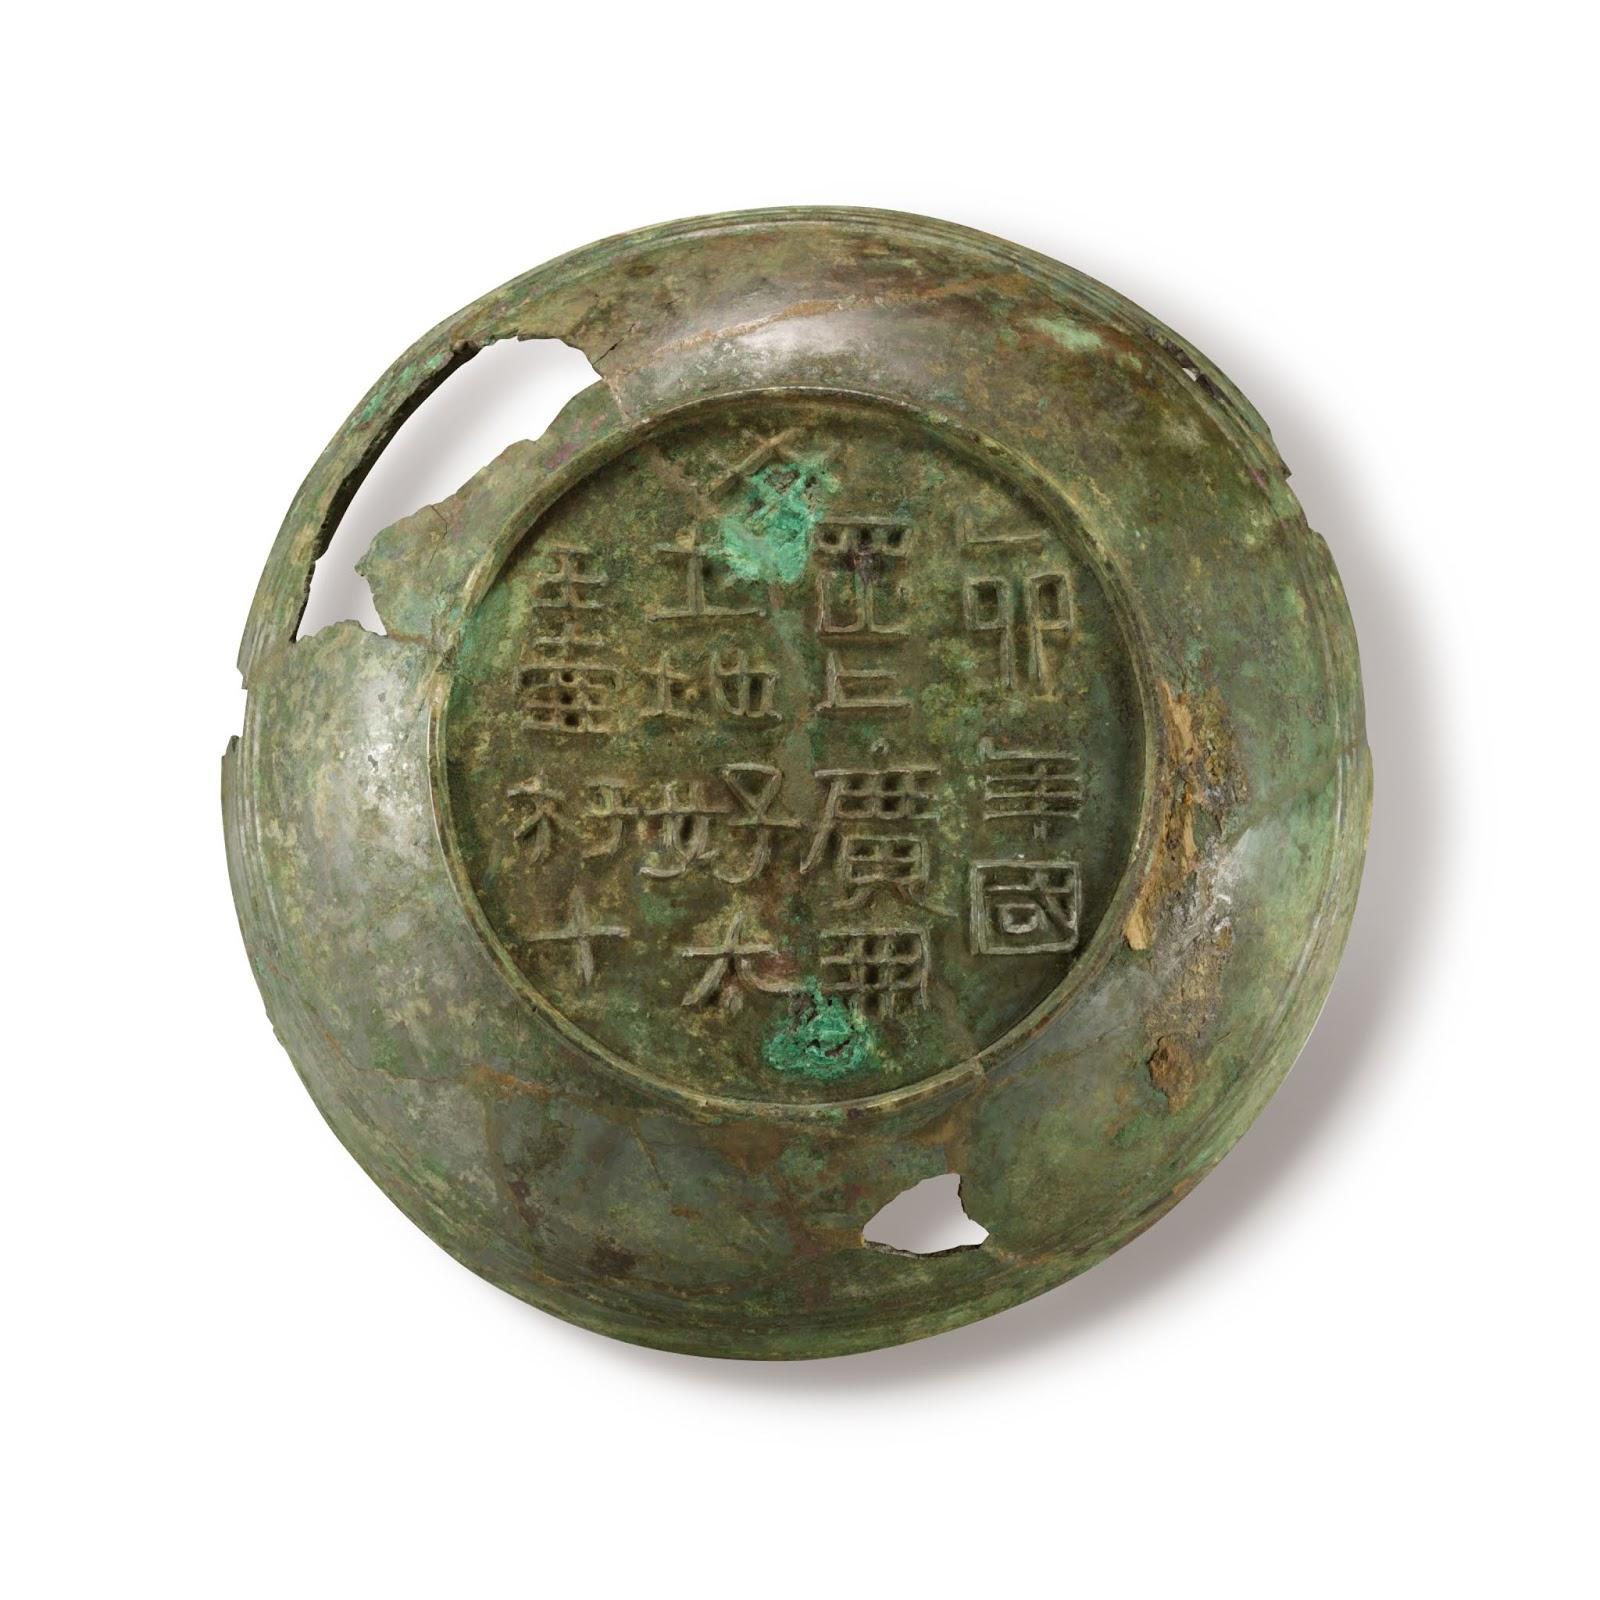 '호우' 글자가 있는 청동 그릇, 고구려 415년,높이 19.4cm, 경주 호우총 출토, 보물 1878호 ⓐ국립중앙박물관